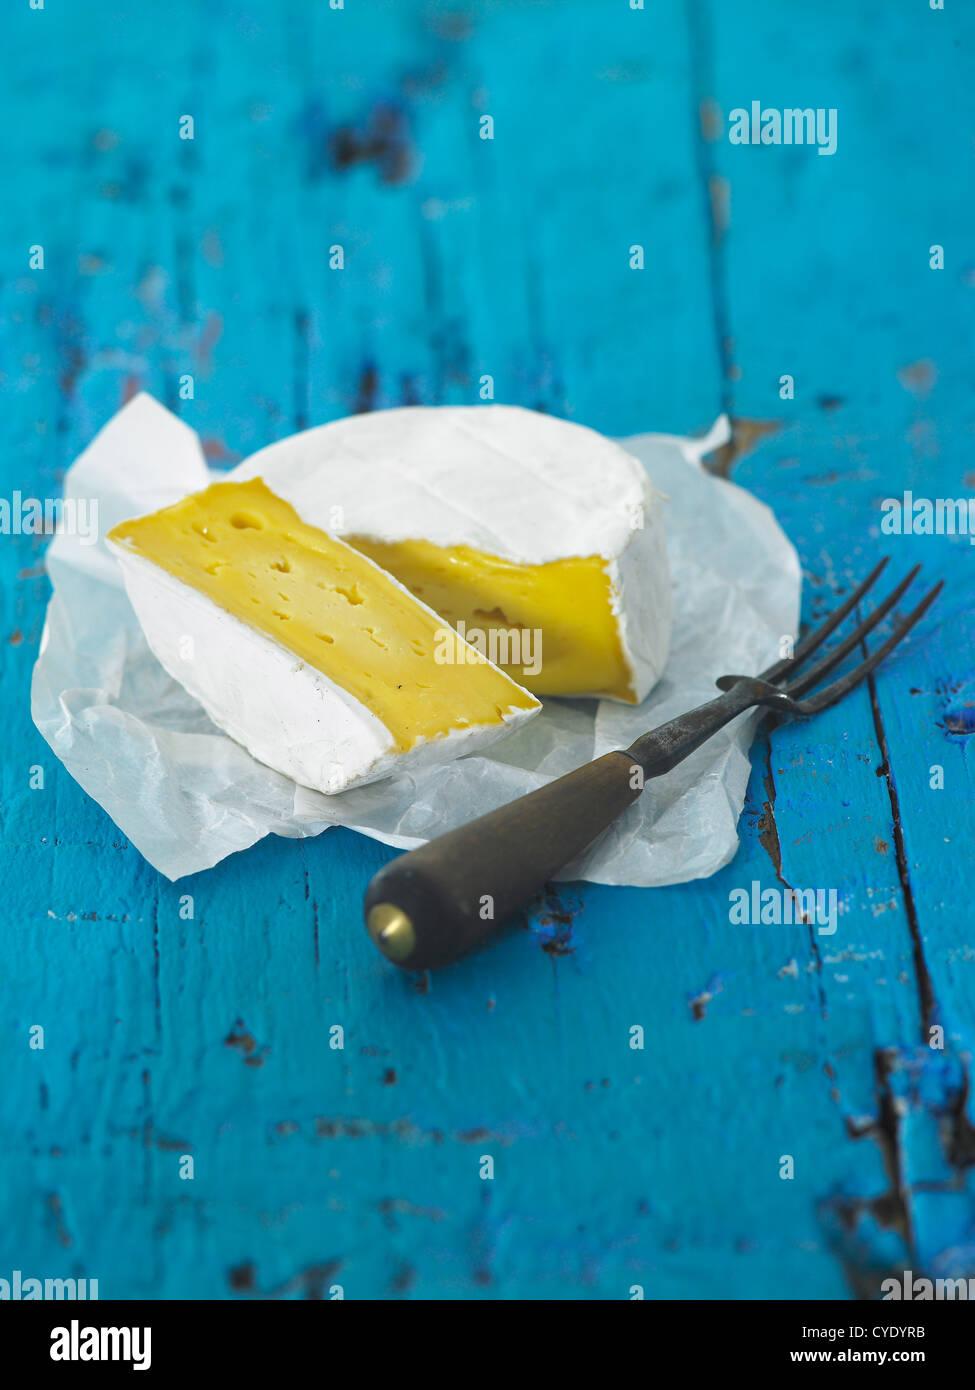 La leche de vaca quesos blandos y la horquilla Imagen De Stock